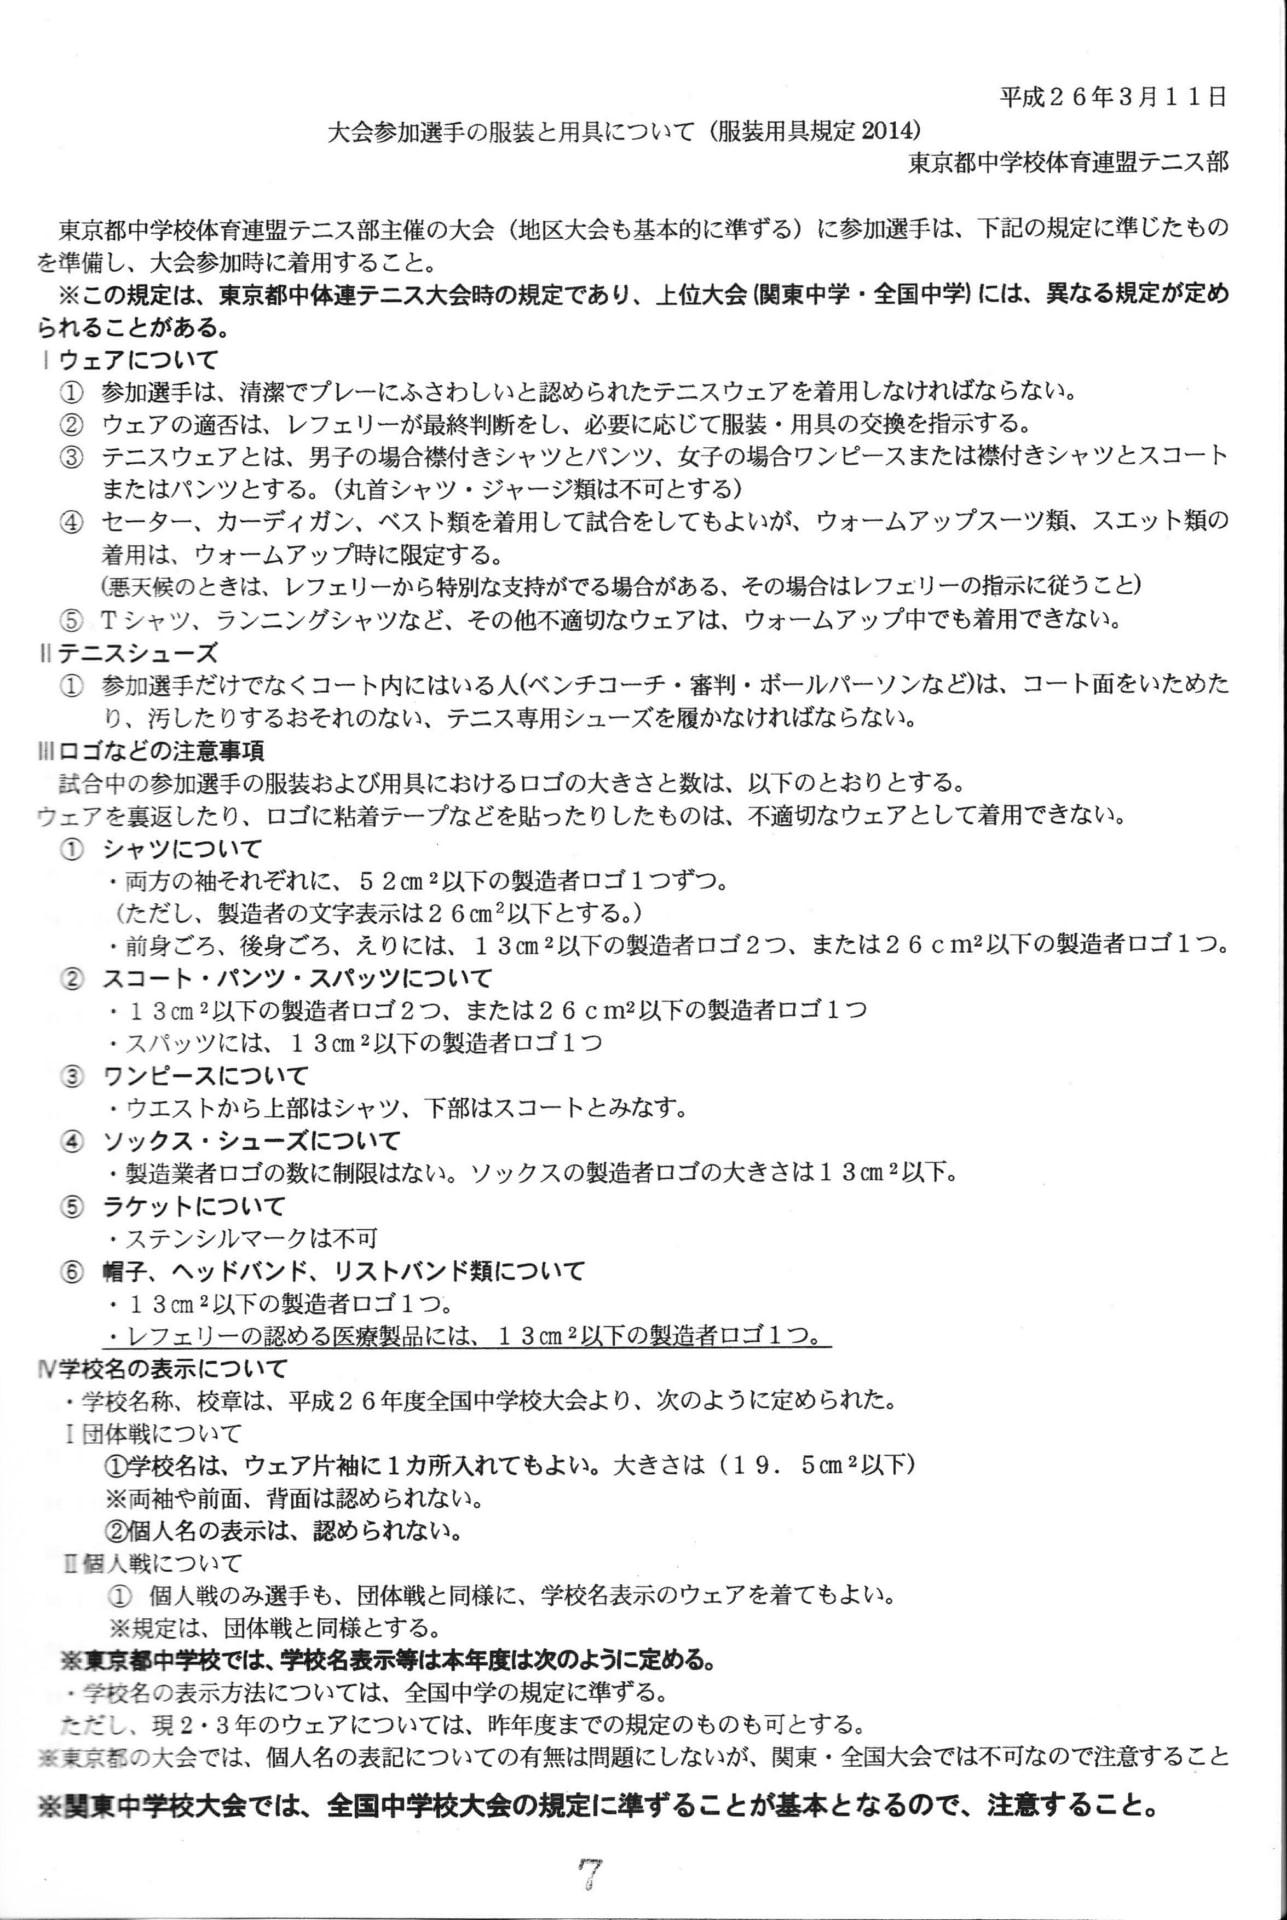 ブロック大会新人戦服装規定について - 暁星中学・高等学校テニス部